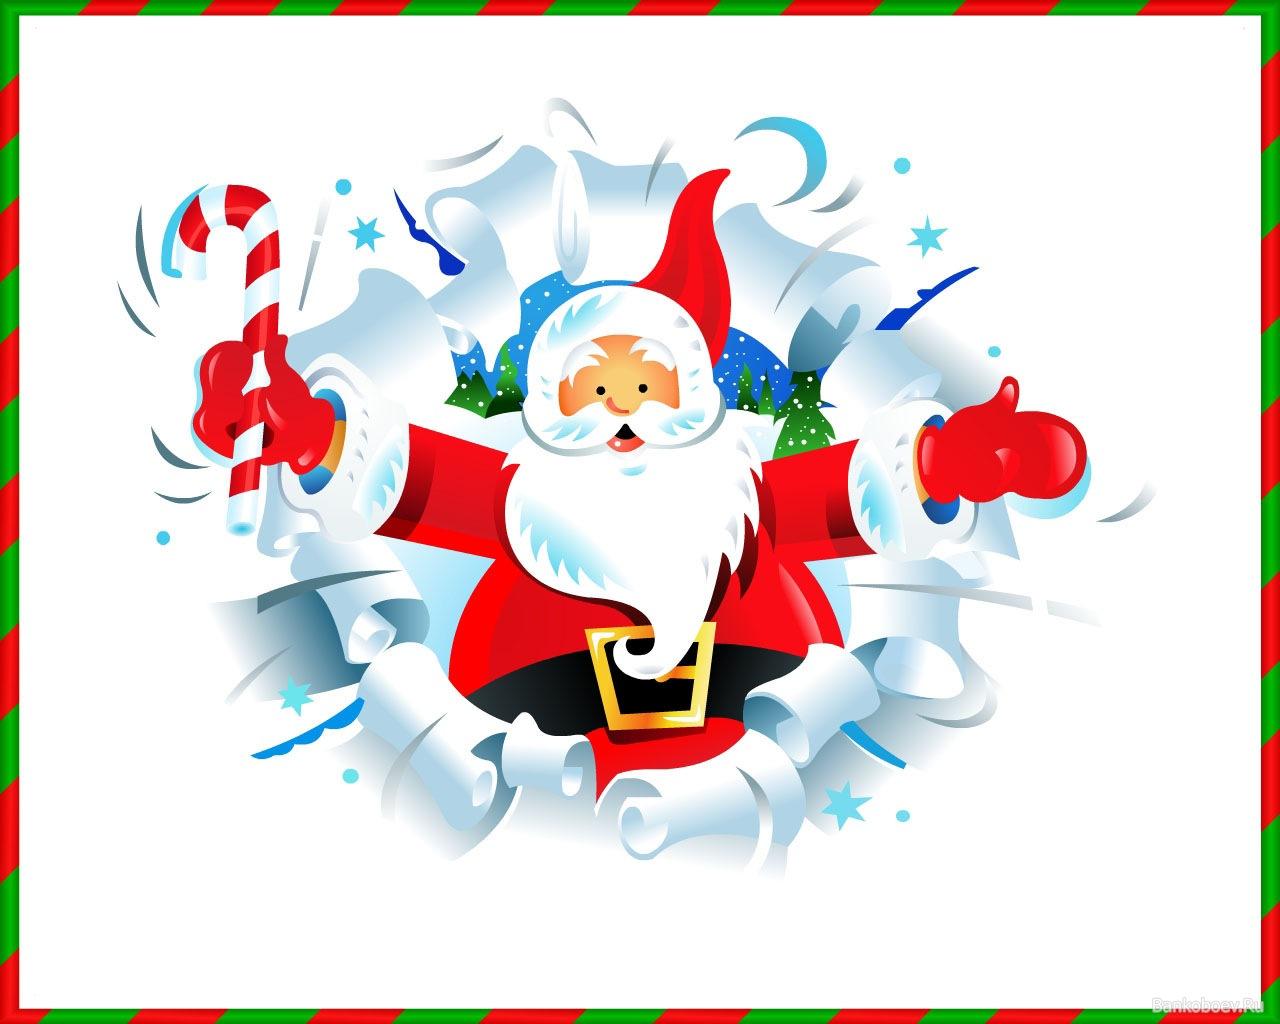 Открытка. День Рождения Деда Мороза. Дед Мороз родился открытки фото рисунки картинки поздравления